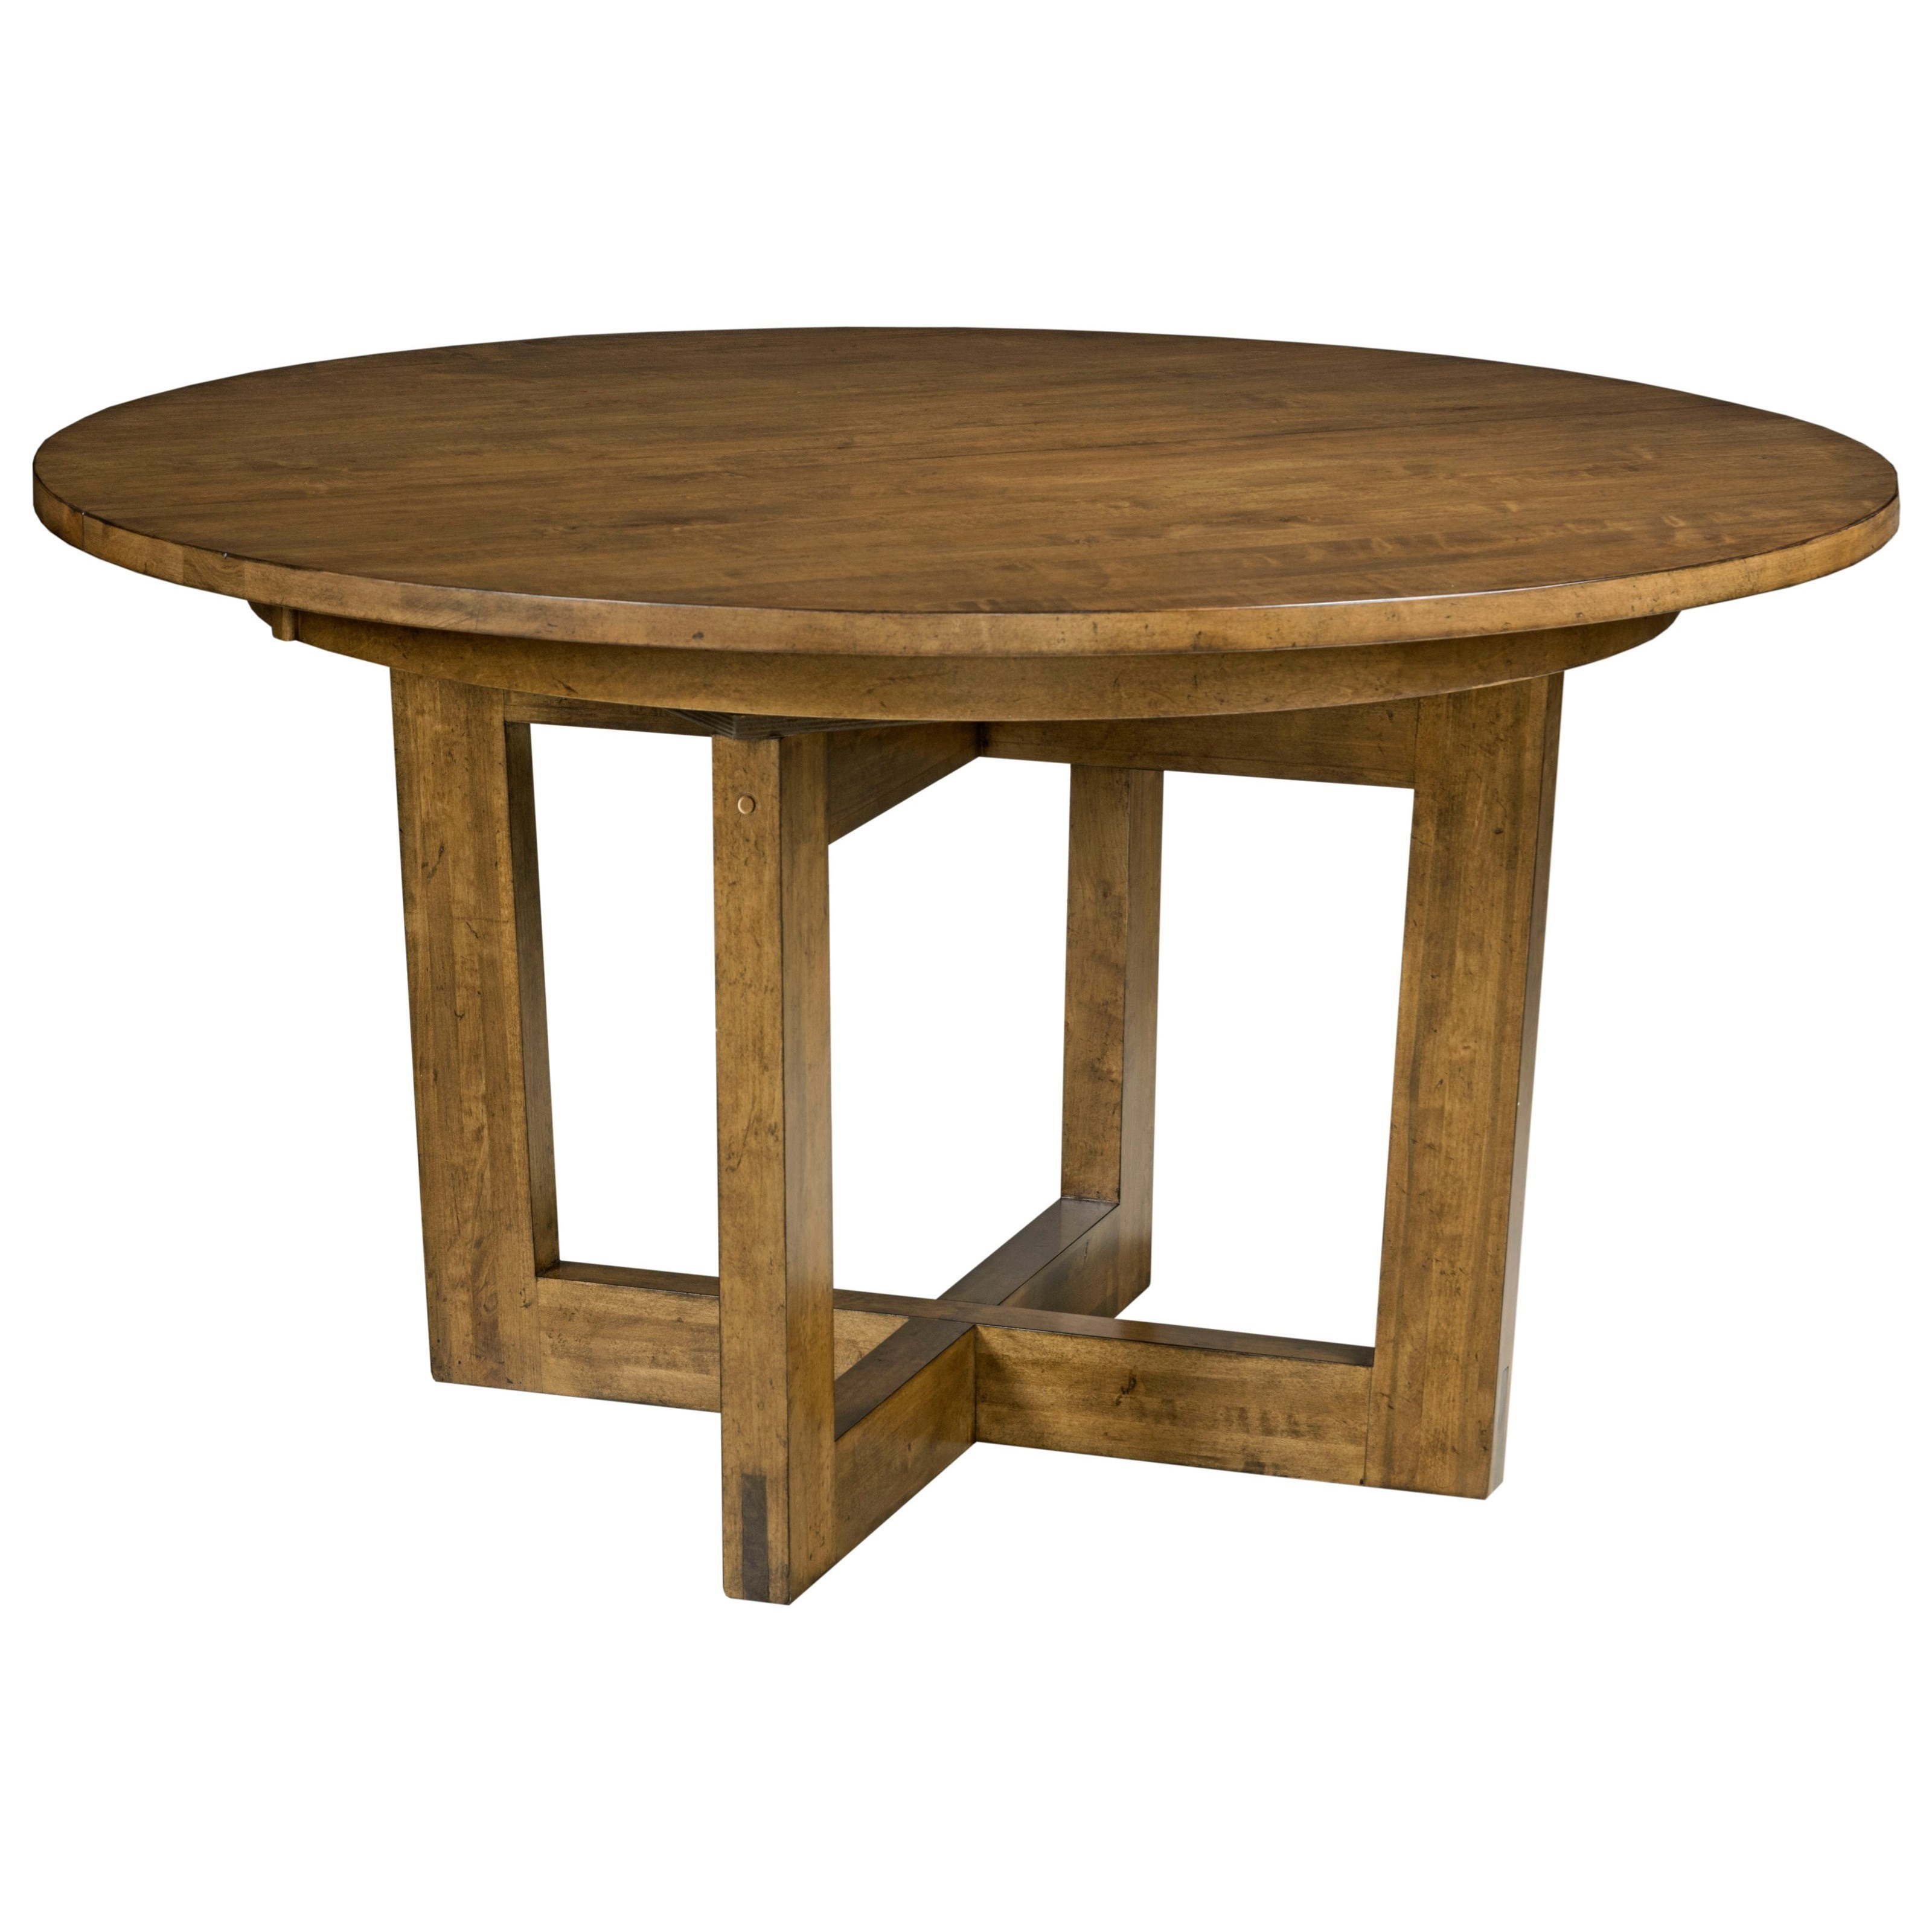 Kincaid Furniture Traverse Blacksmith Modern Craftsman 54